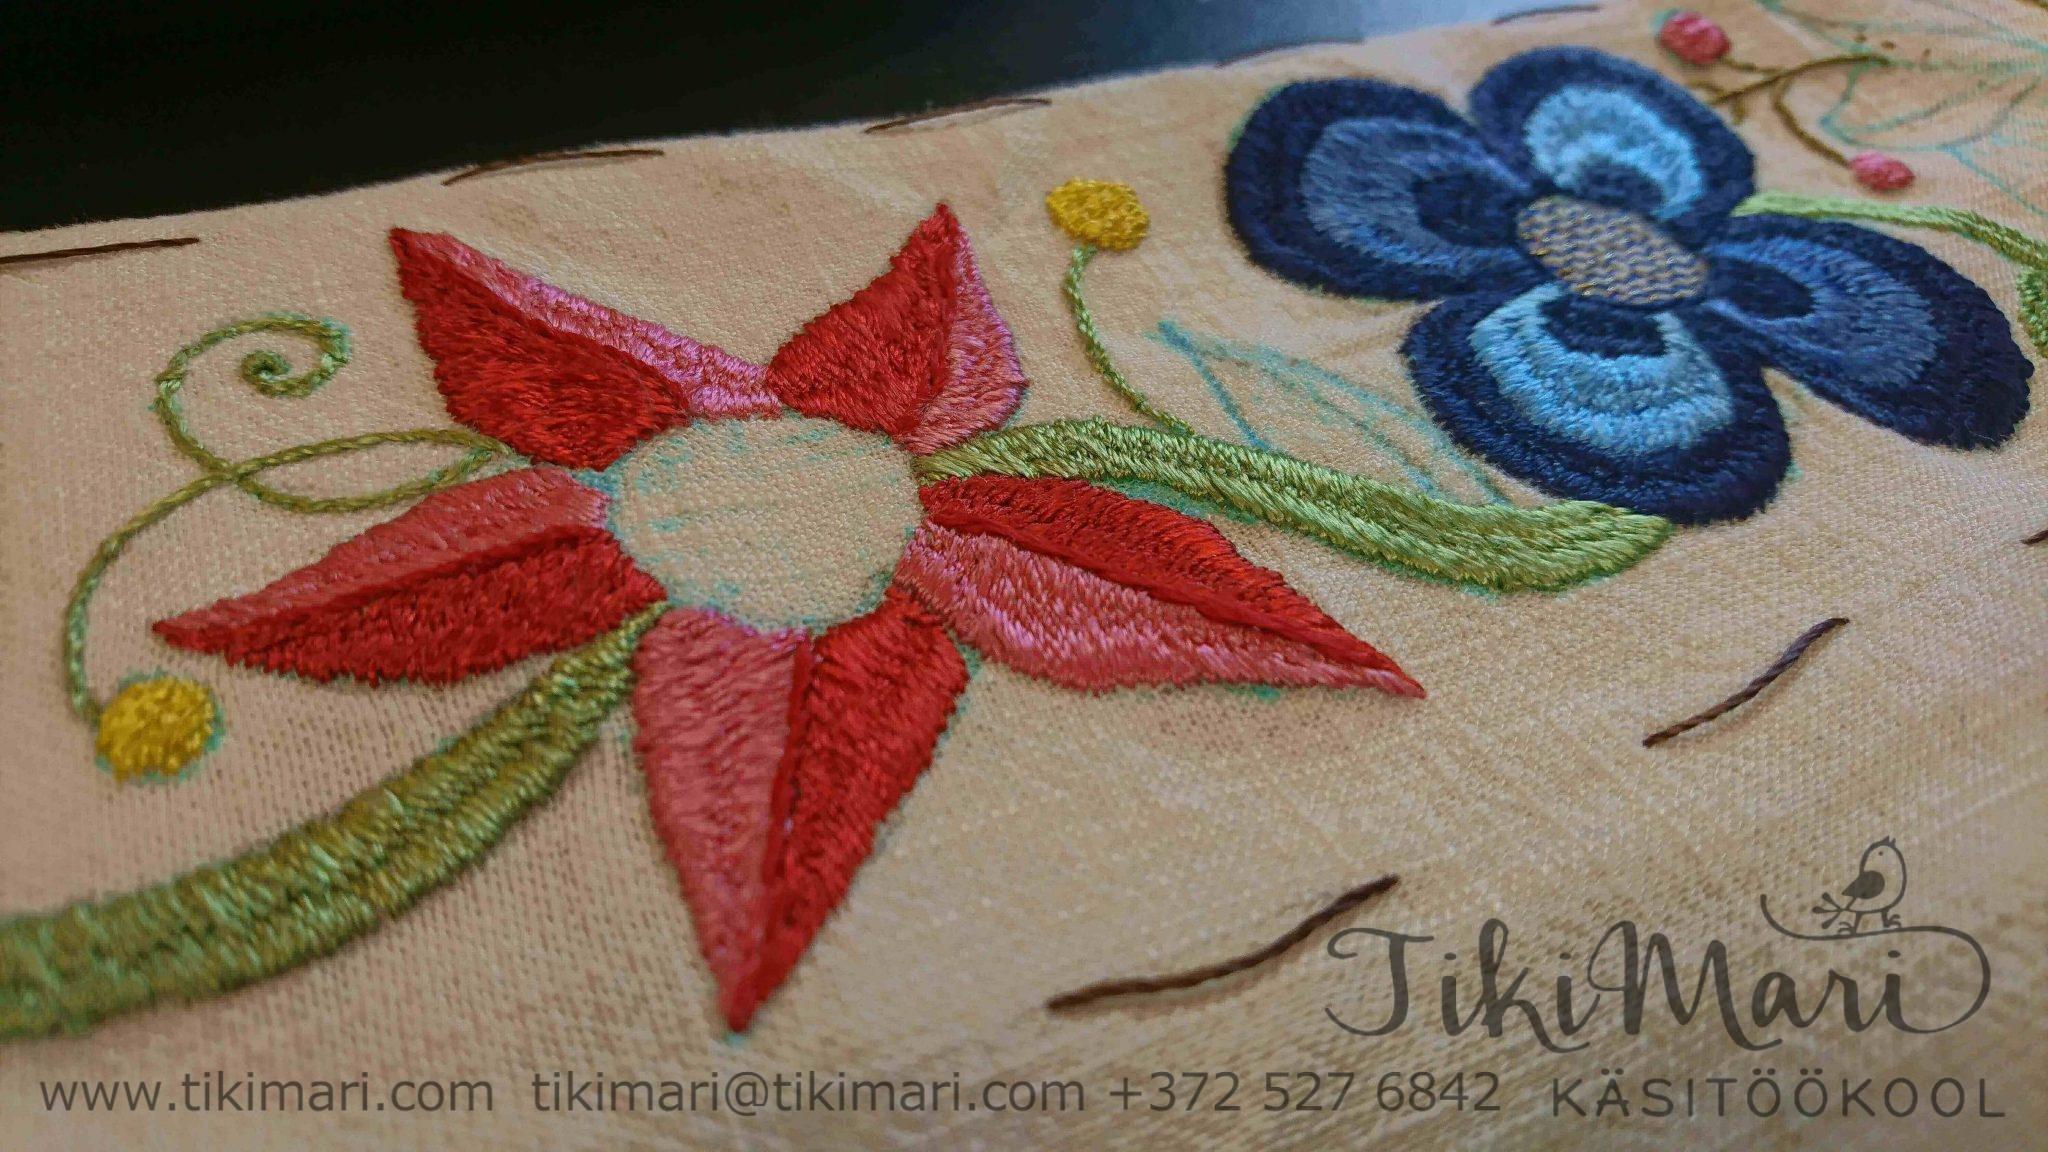 Ene1 Tikkimine - TikiMari OÜ, tiina@tikimari.com, +372 527 6842